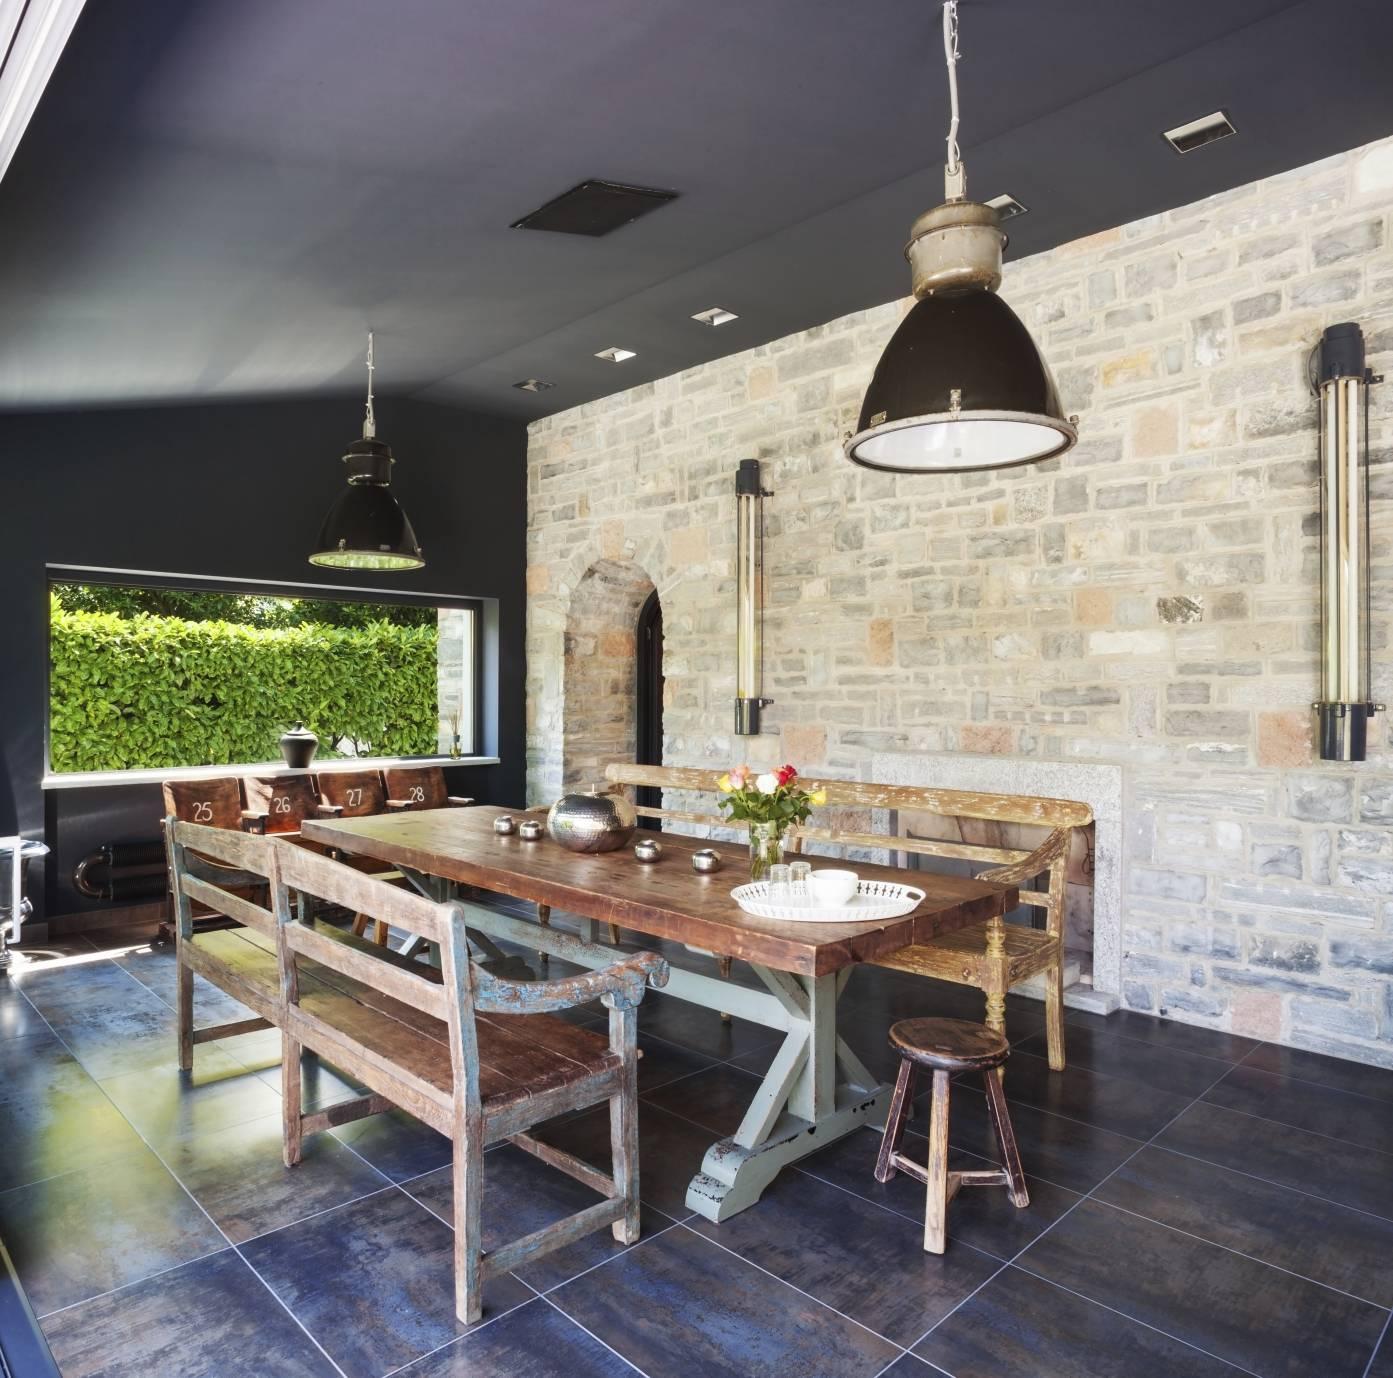 Des id es pour meubler et d corer votre salle manger for Idee salle a manger